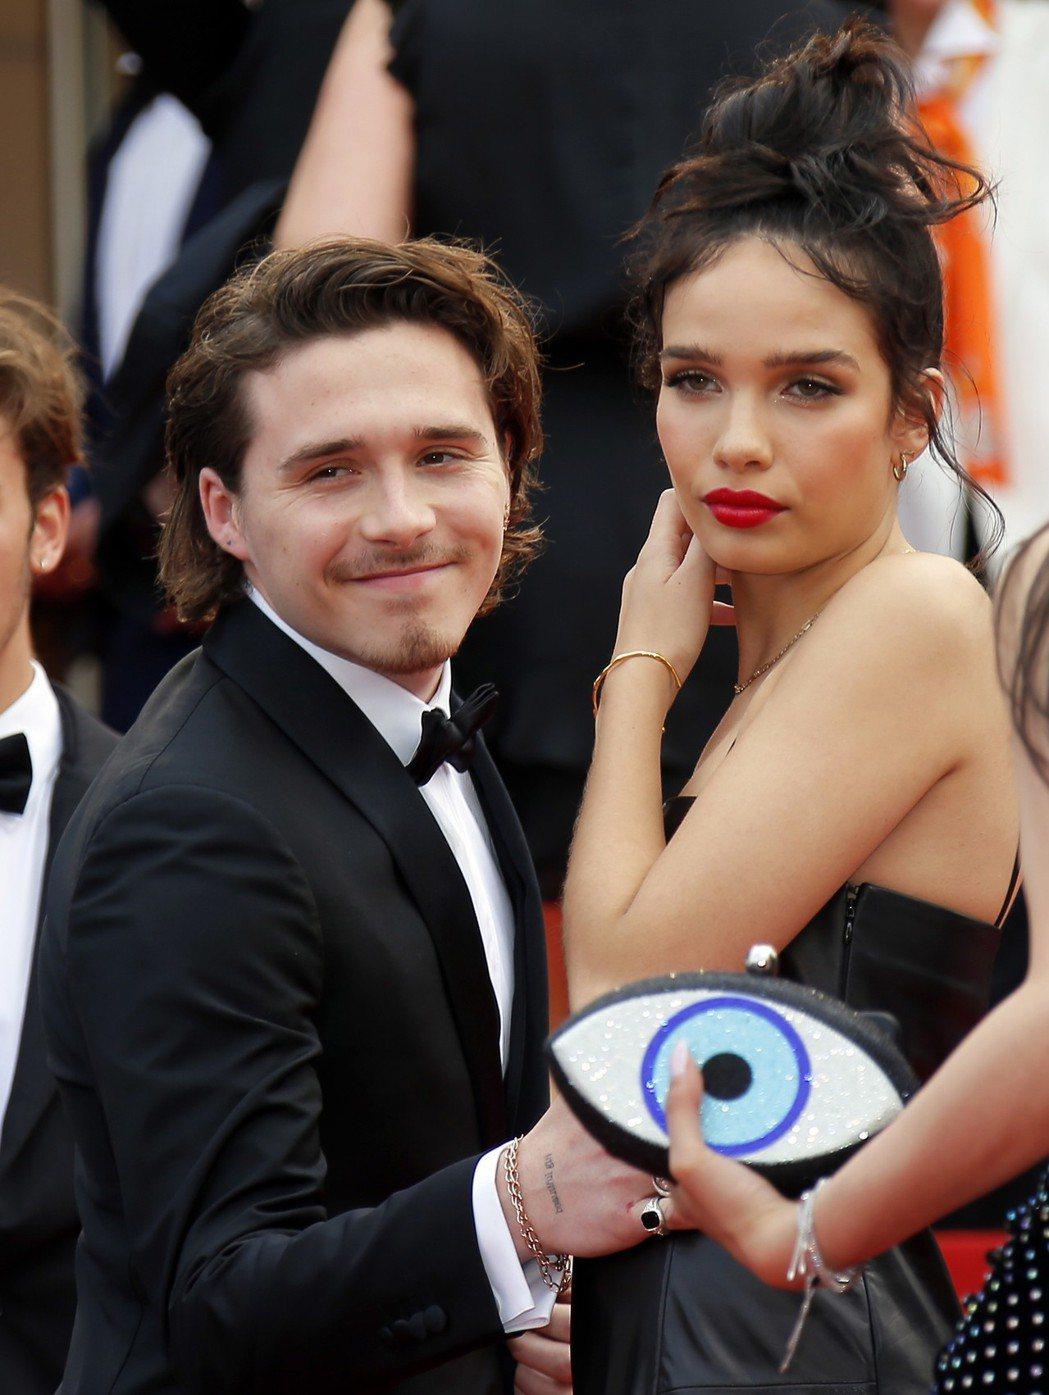 布魯克林貝克漢與女友漢娜也受邀欣賞「從前,有個好萊塢」。(歐新社)